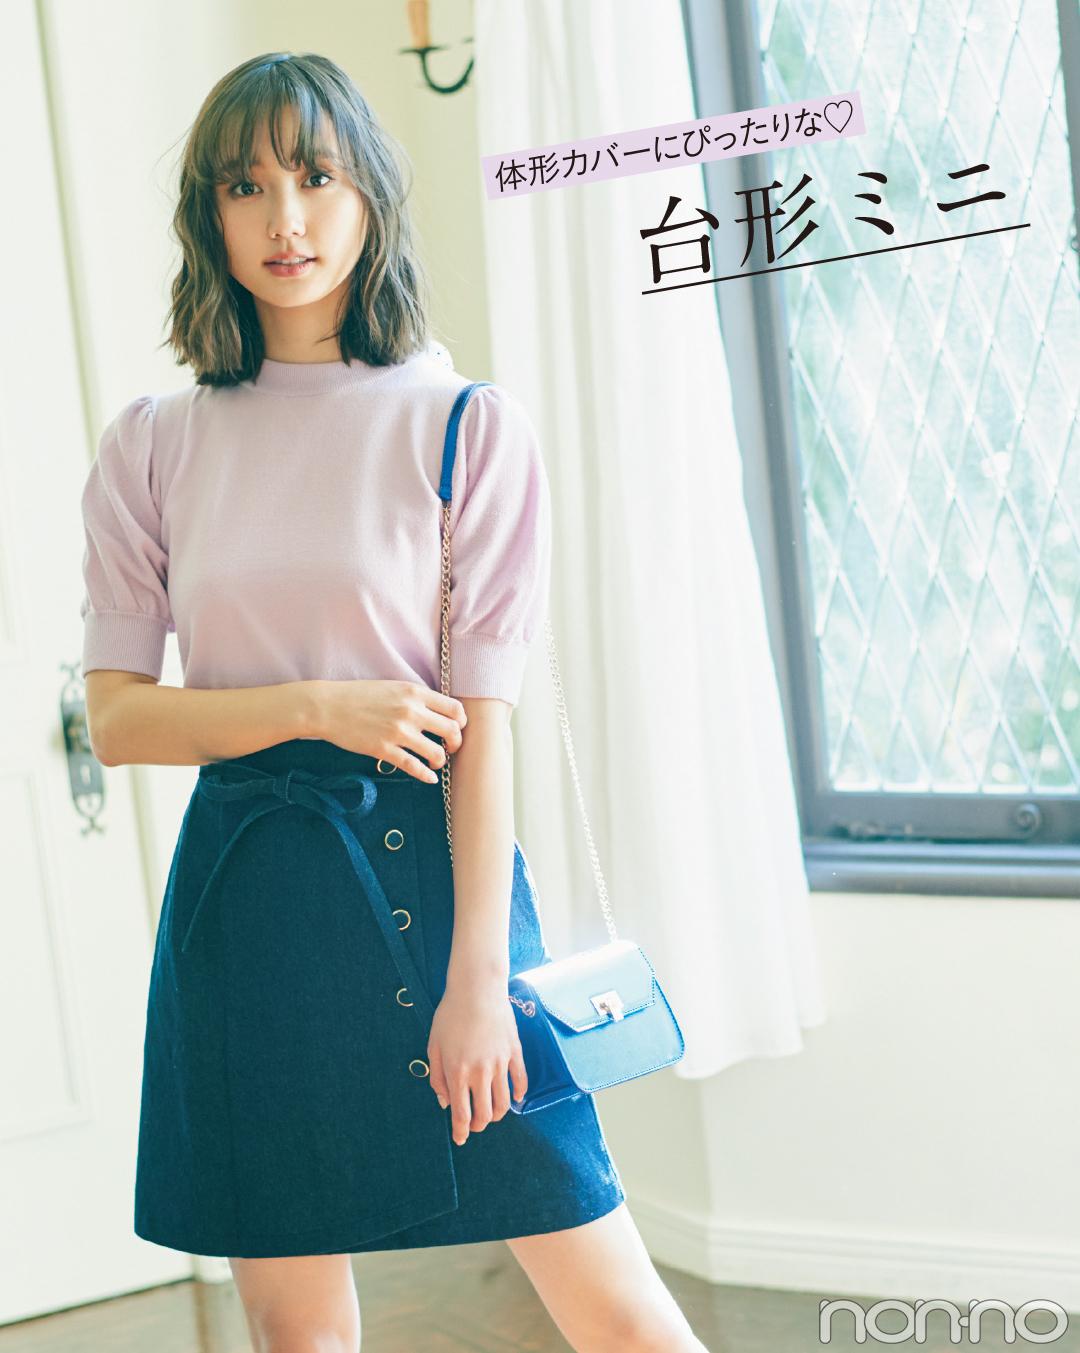 この春コーデを盛るなら、ミニスカートとIラインスカート が必須!_1_1